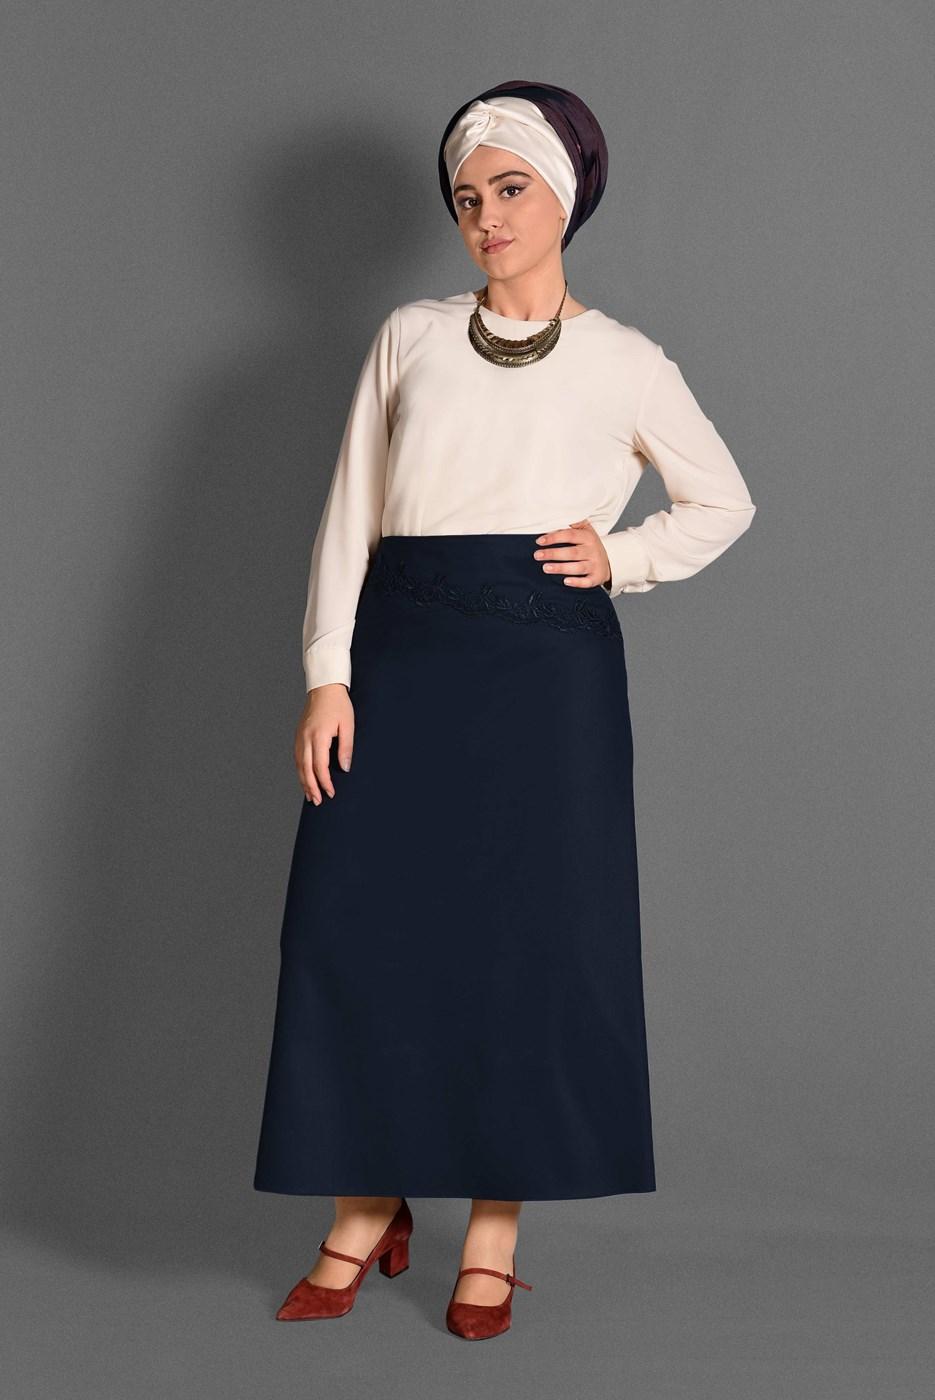 Femelle BLEU MARINE T 6077 Natalia Etek -Alv Fashion